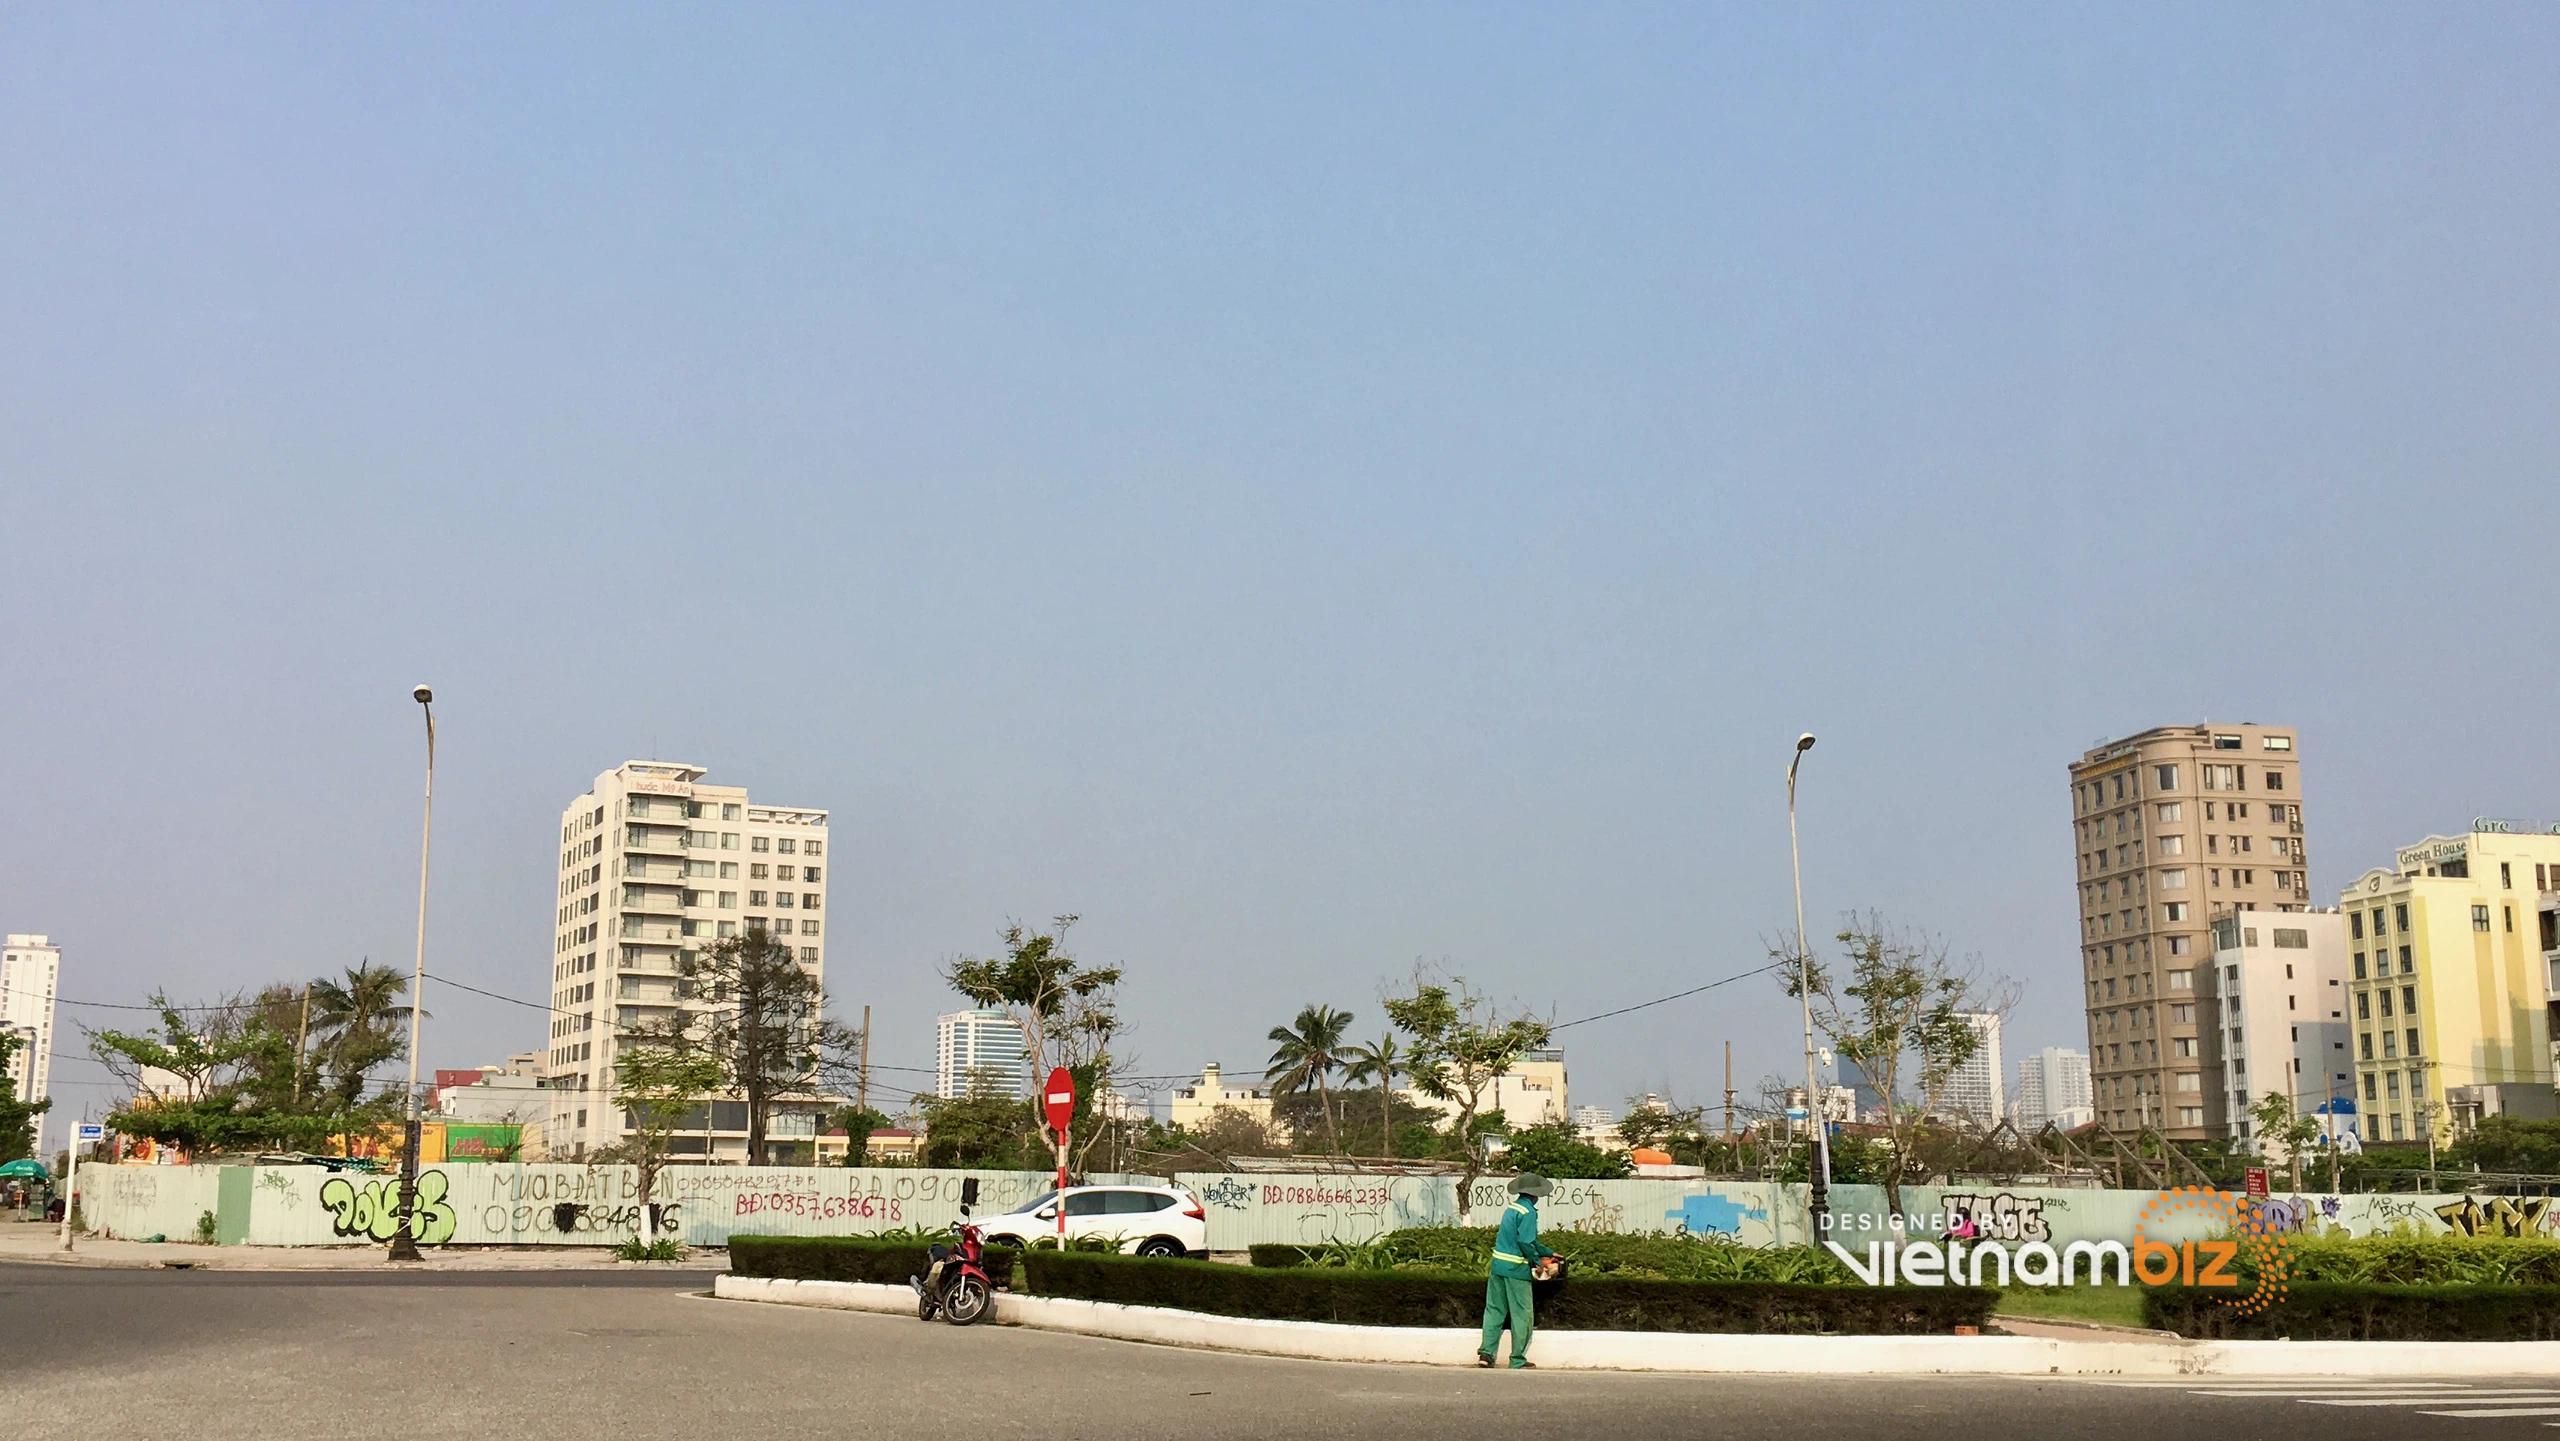 Hình ảnh 5 khu đất Đà Nẵng sẽ làm Khu phức hợp có casino và chung cư cao cấp 62 tầng - Ảnh 4.